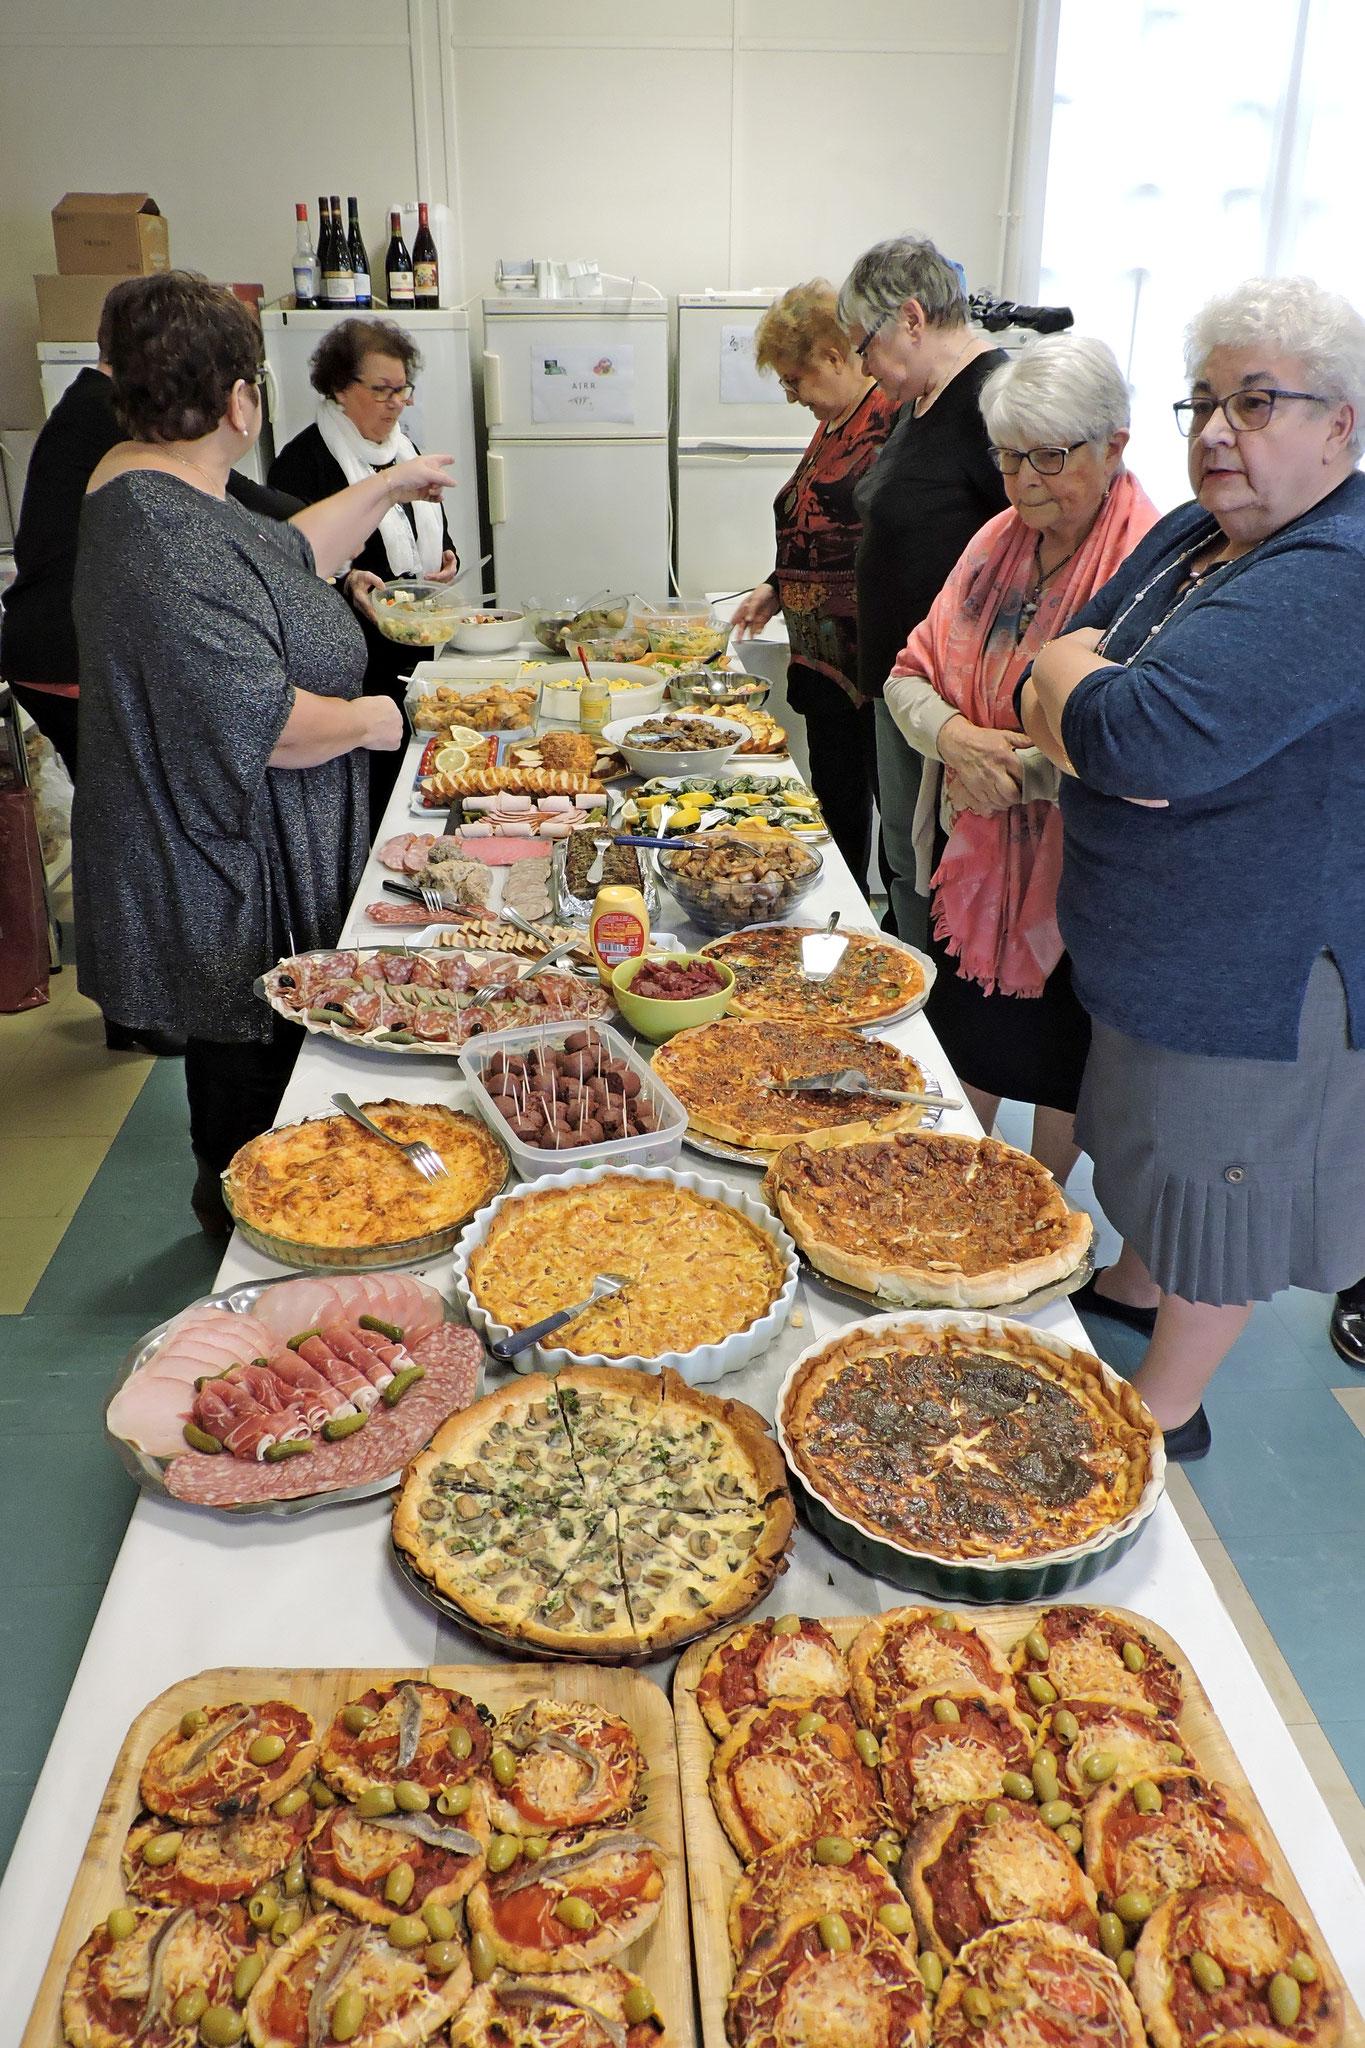 Le buffet toujours extraordinaire